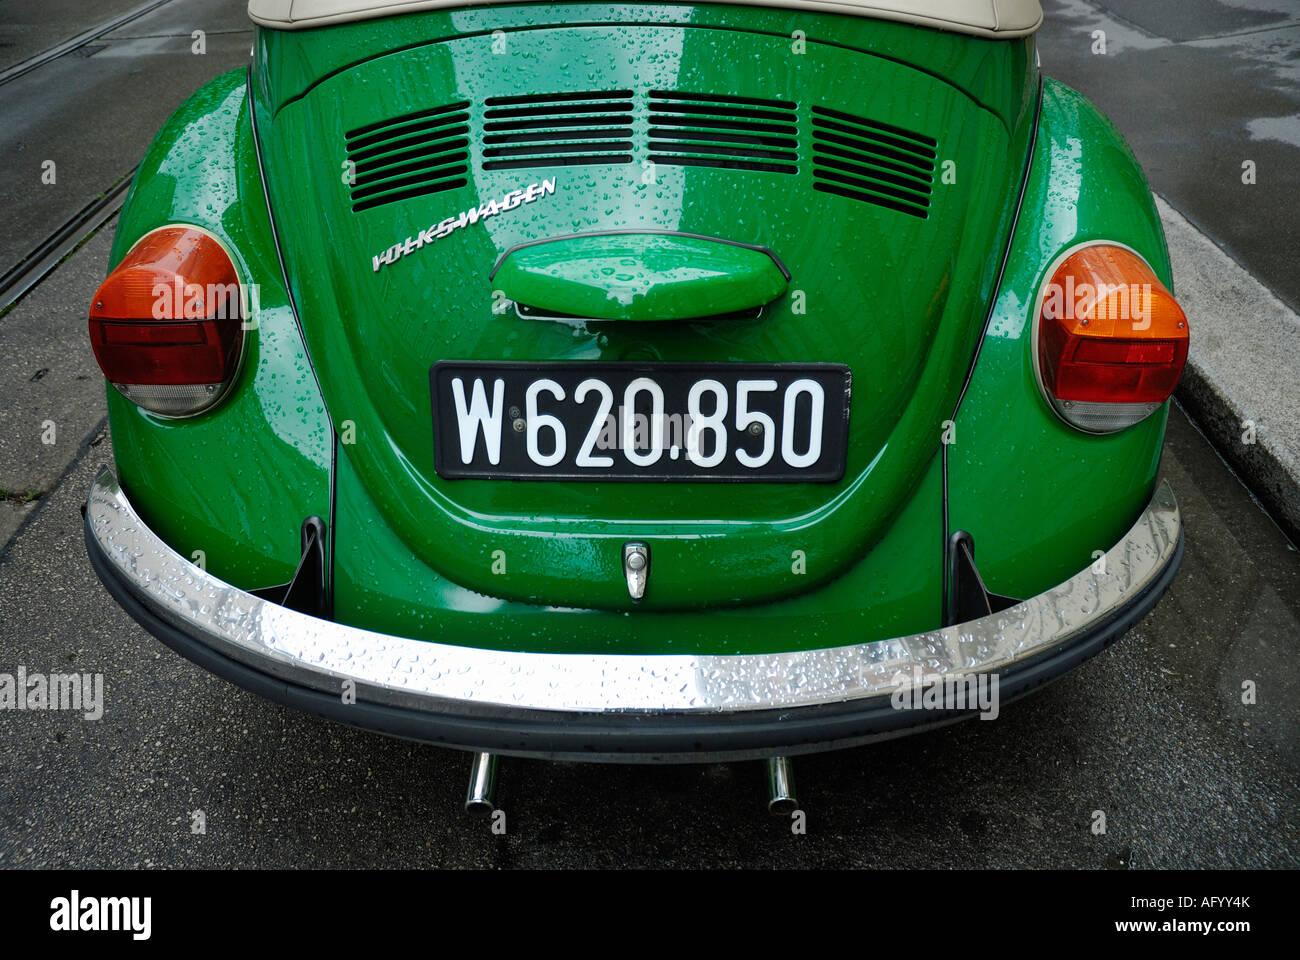 VOLKSWAGEN BEETLE CAR Stock Photo